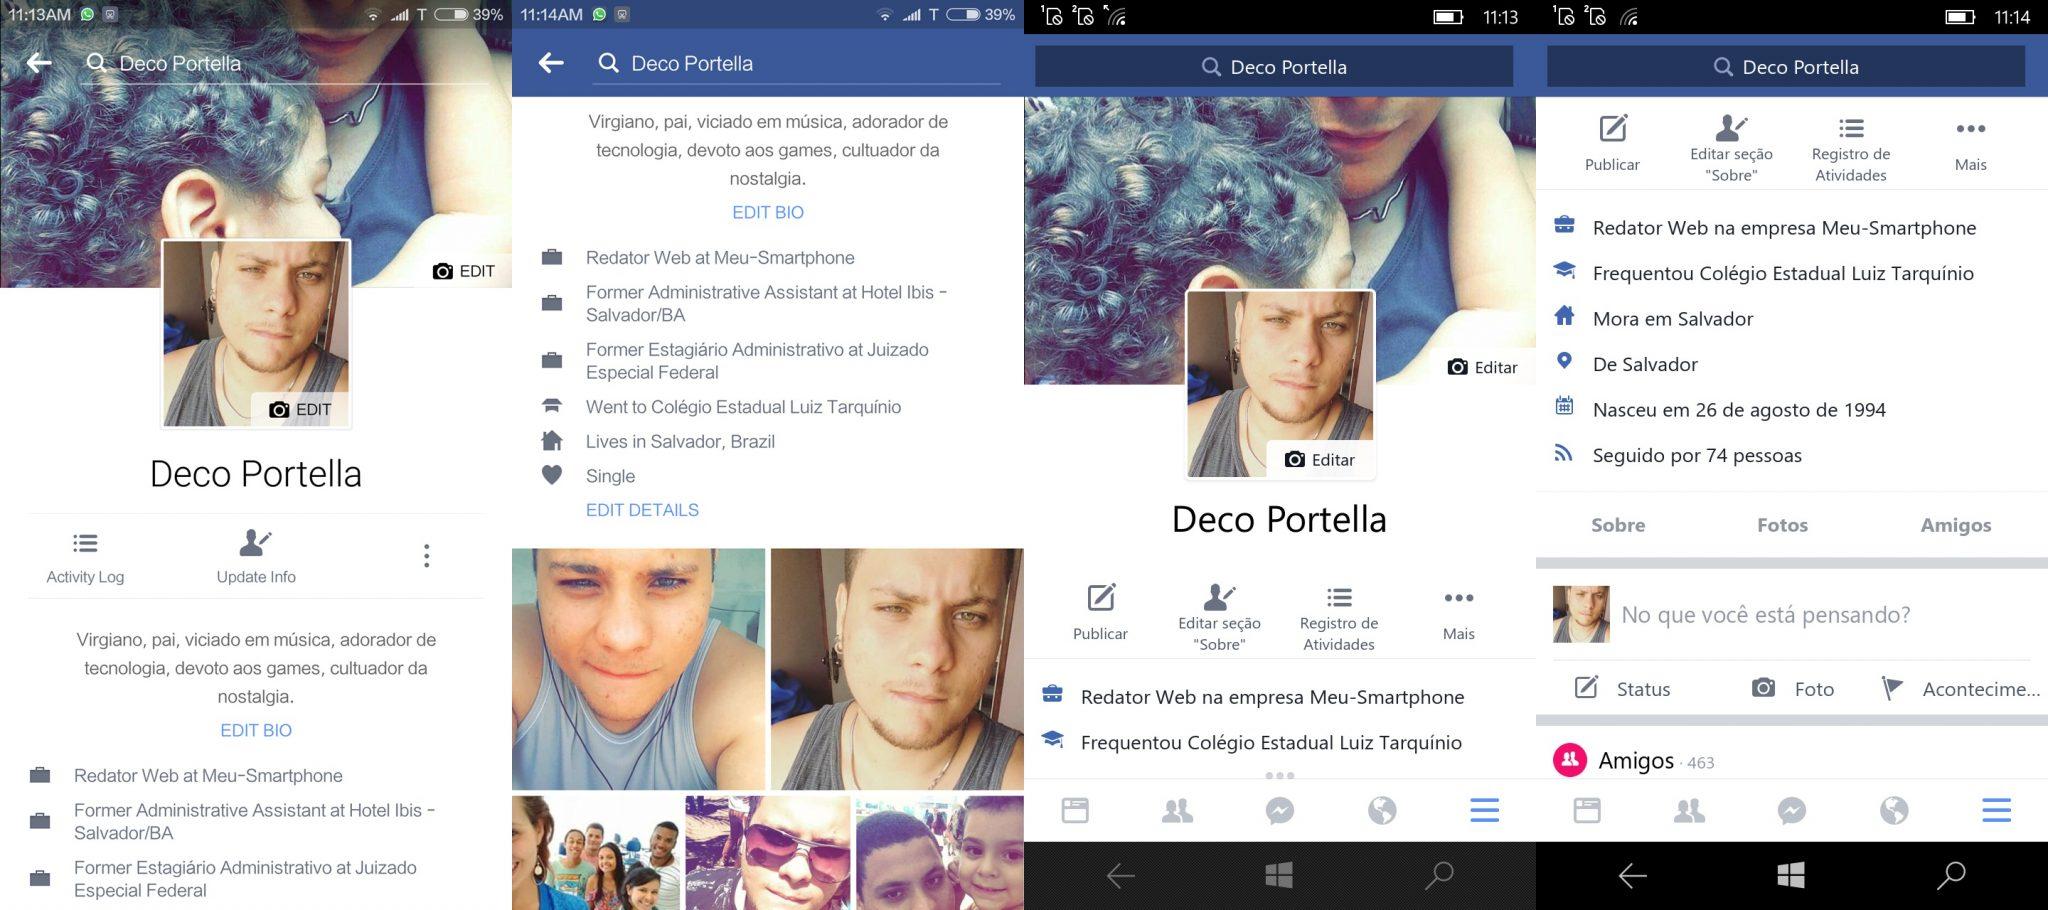 comparativo-facebook-12